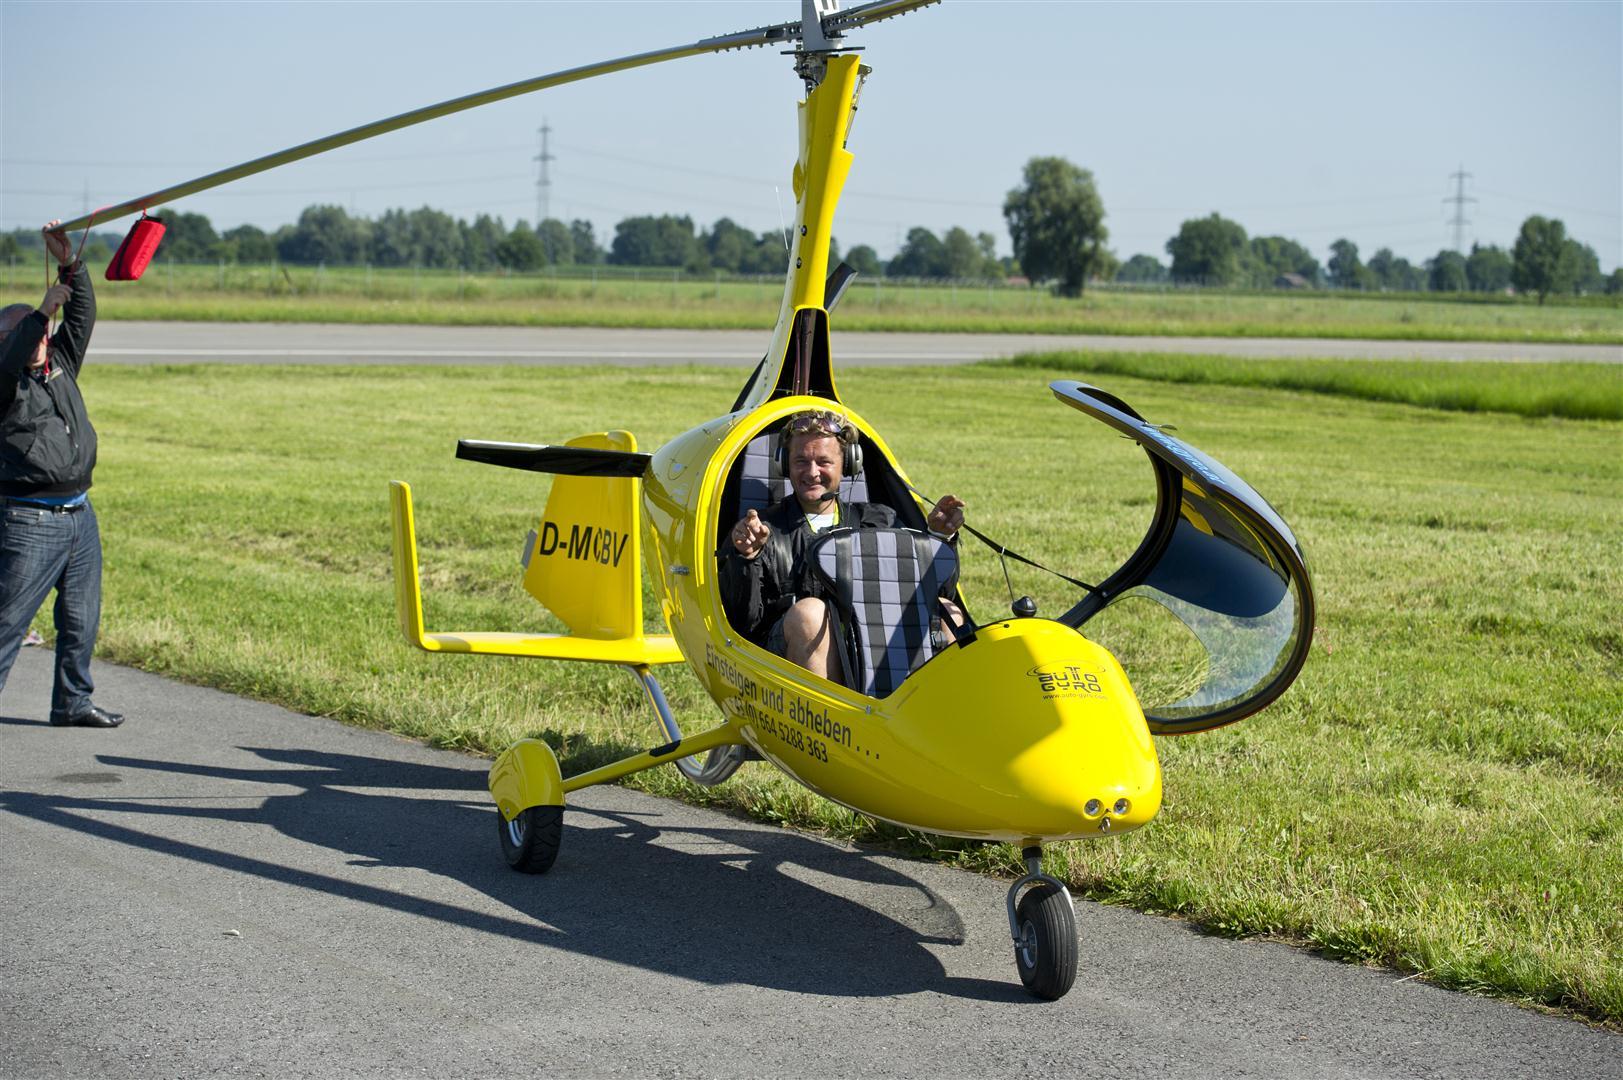 Kinderflugtag Hohenems000185 (Large)